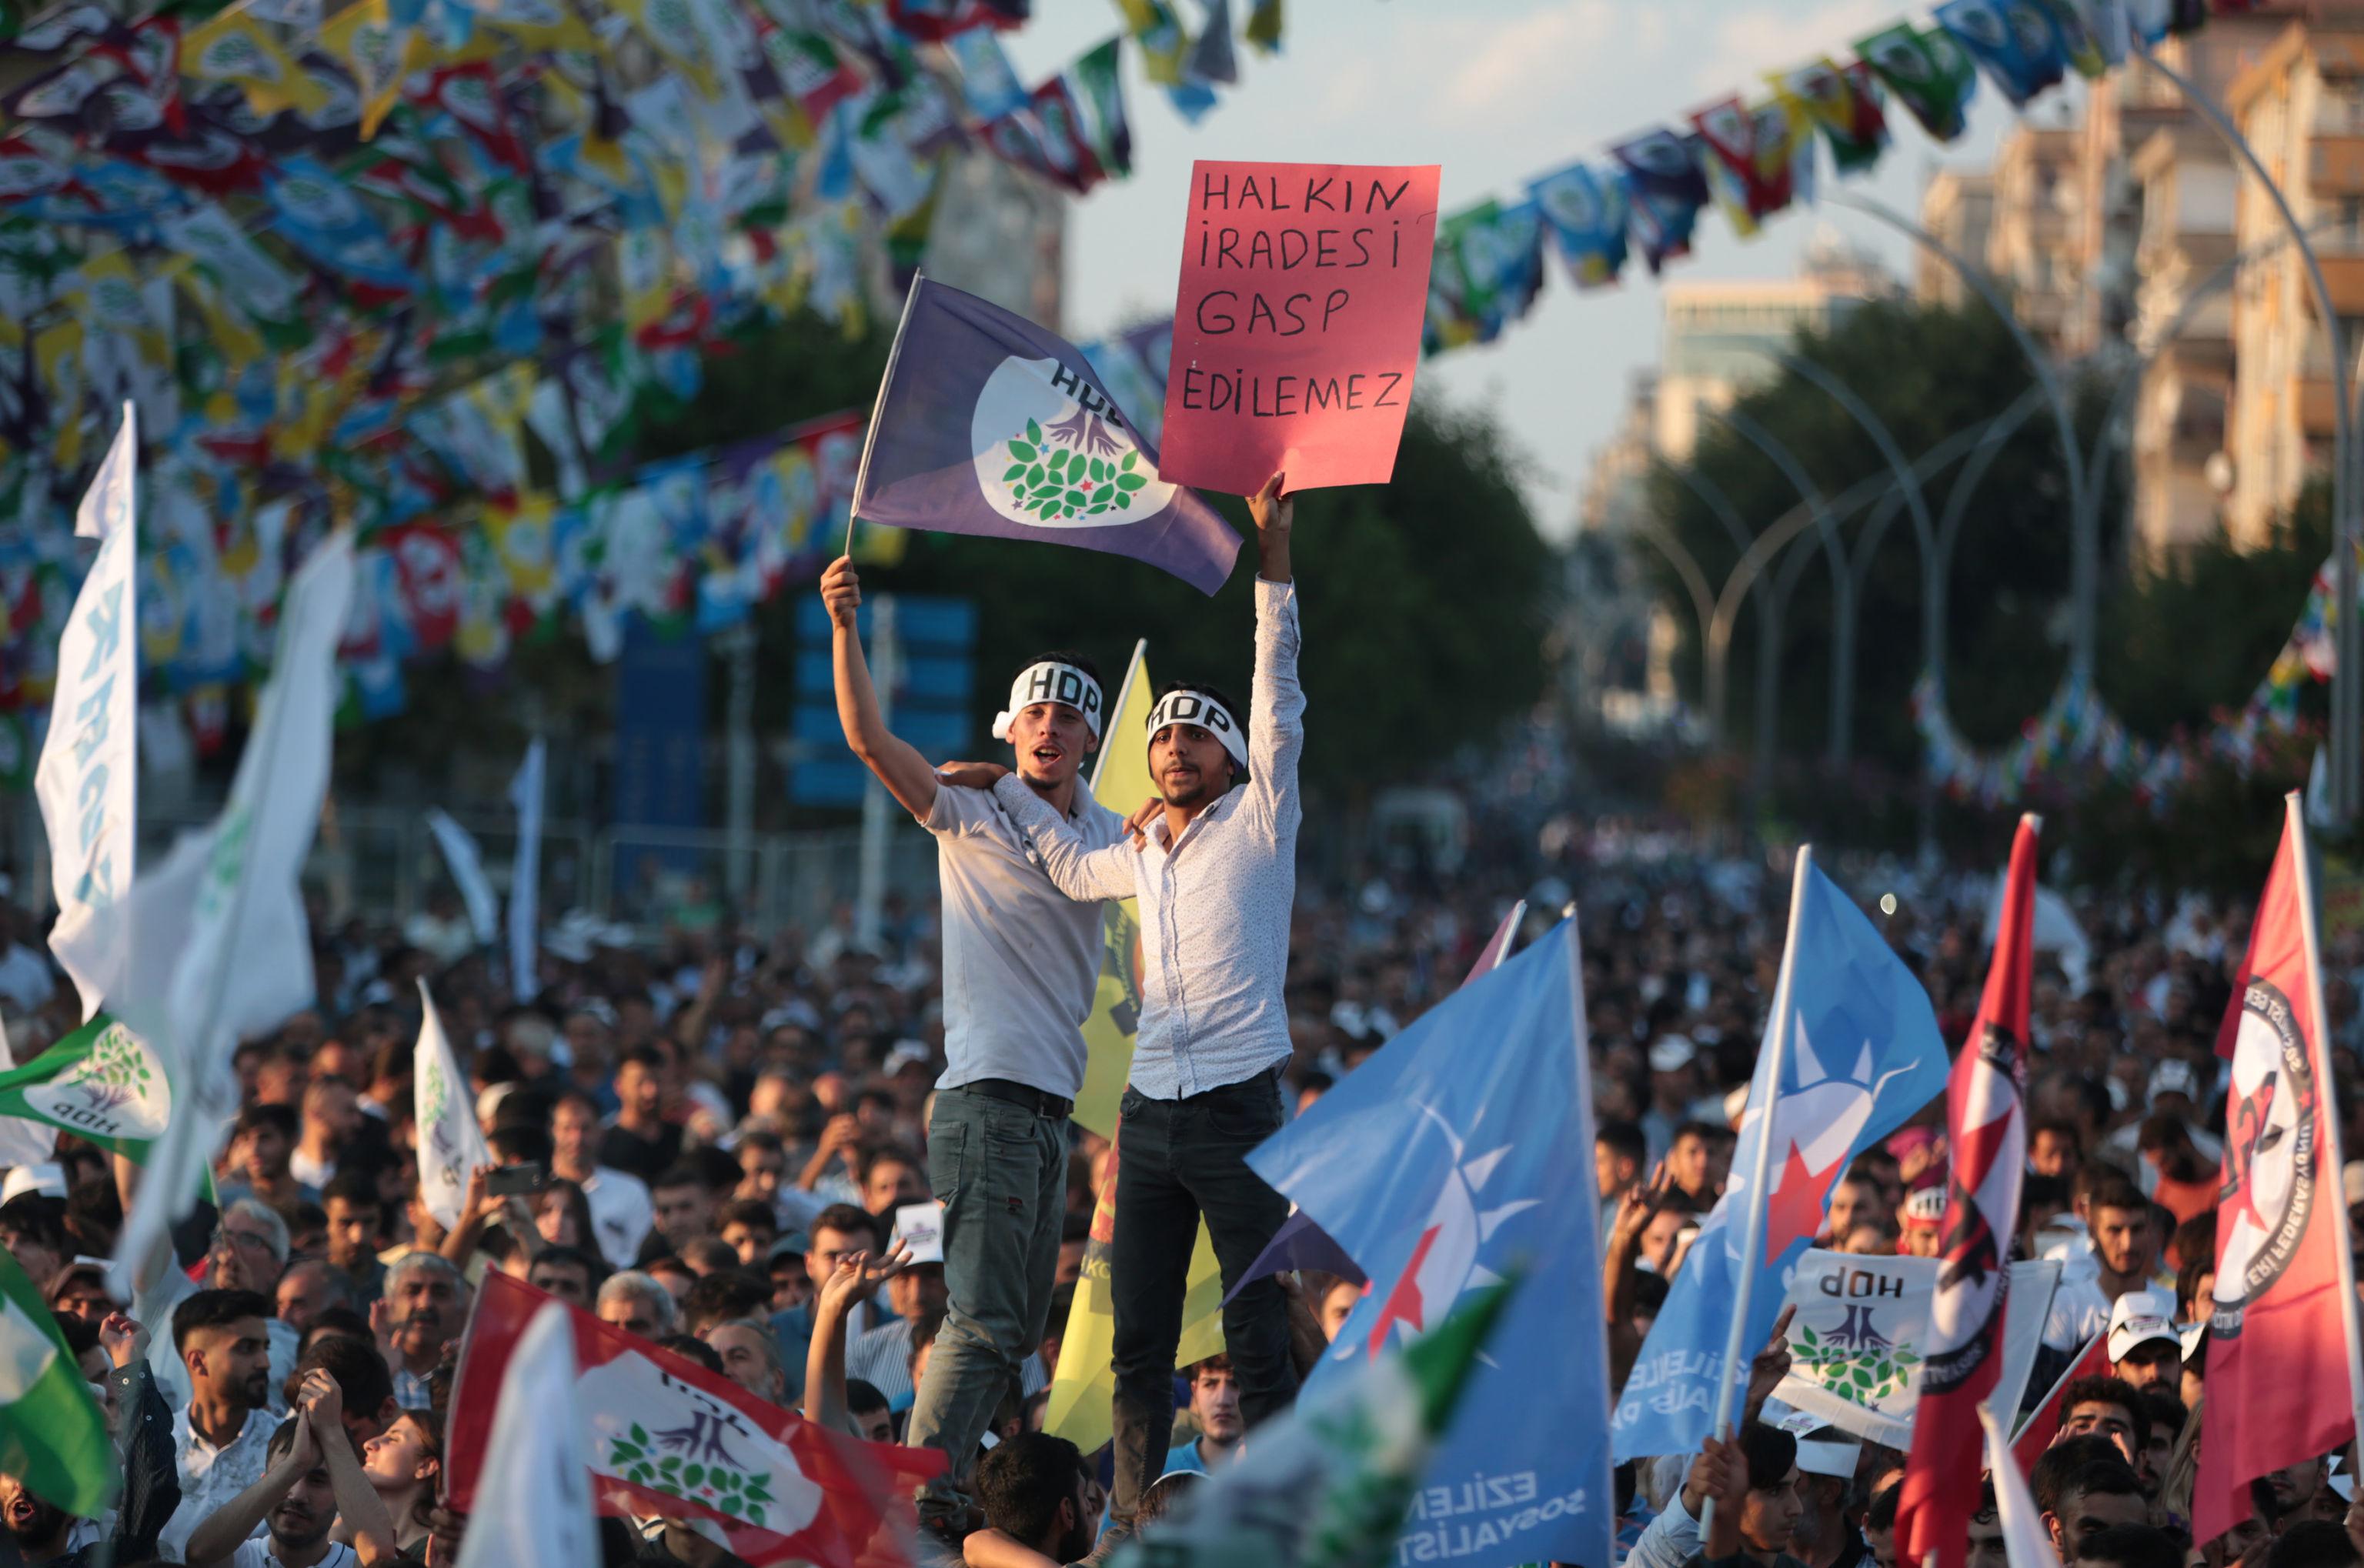 Diyarbakır'da düzenlenen 1 Eylül Dünya Barış Günü mitingi kayyum protestosuna dönüştü.